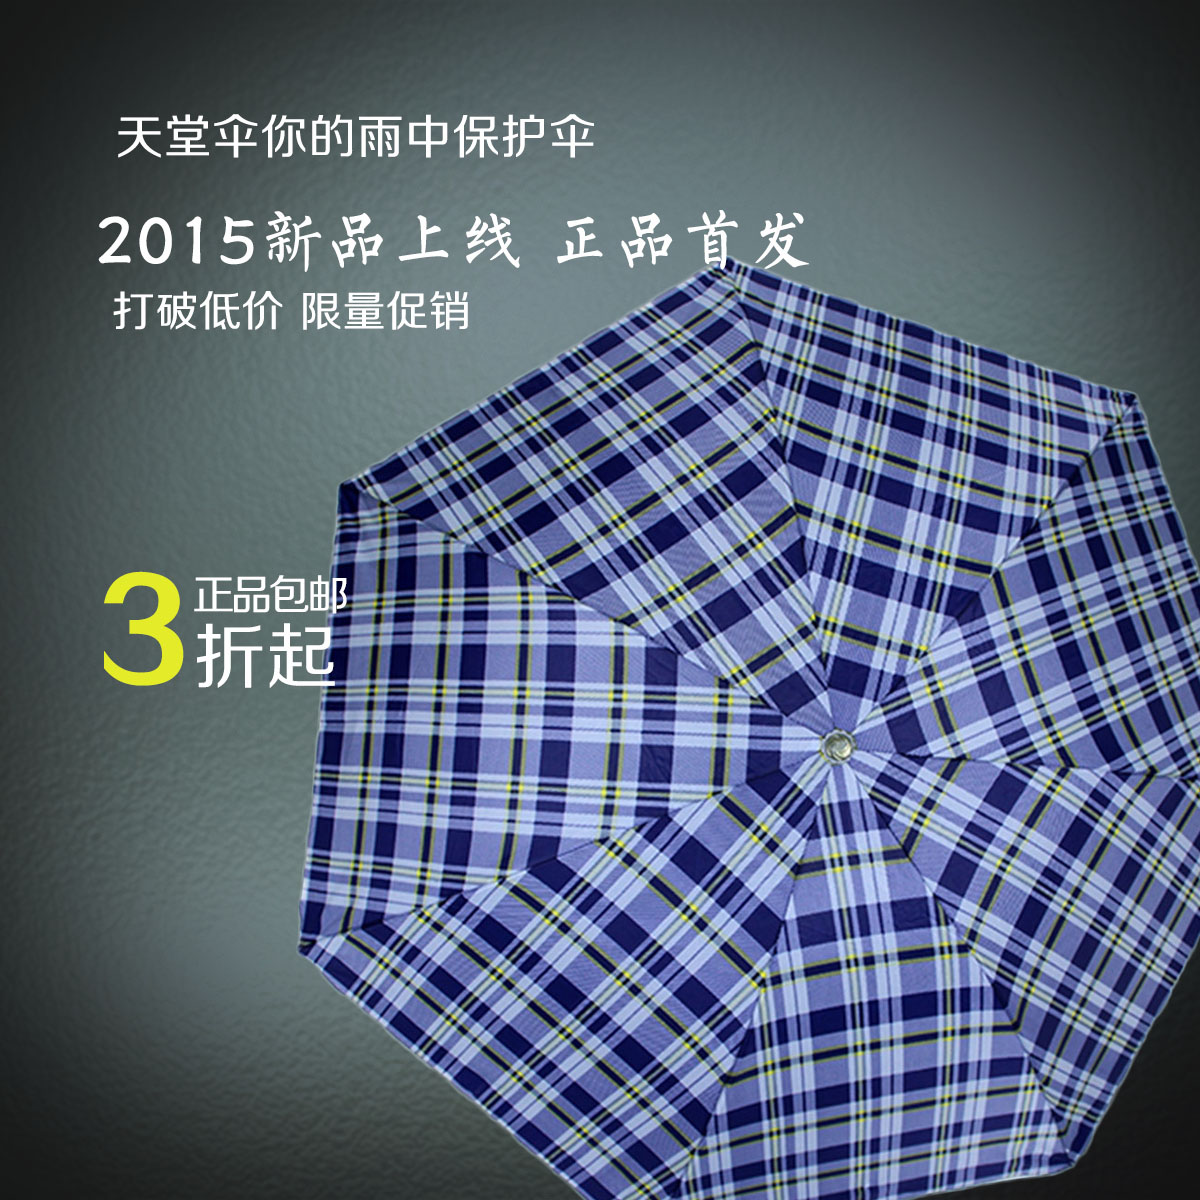 Зонт Heaven 339s heaven